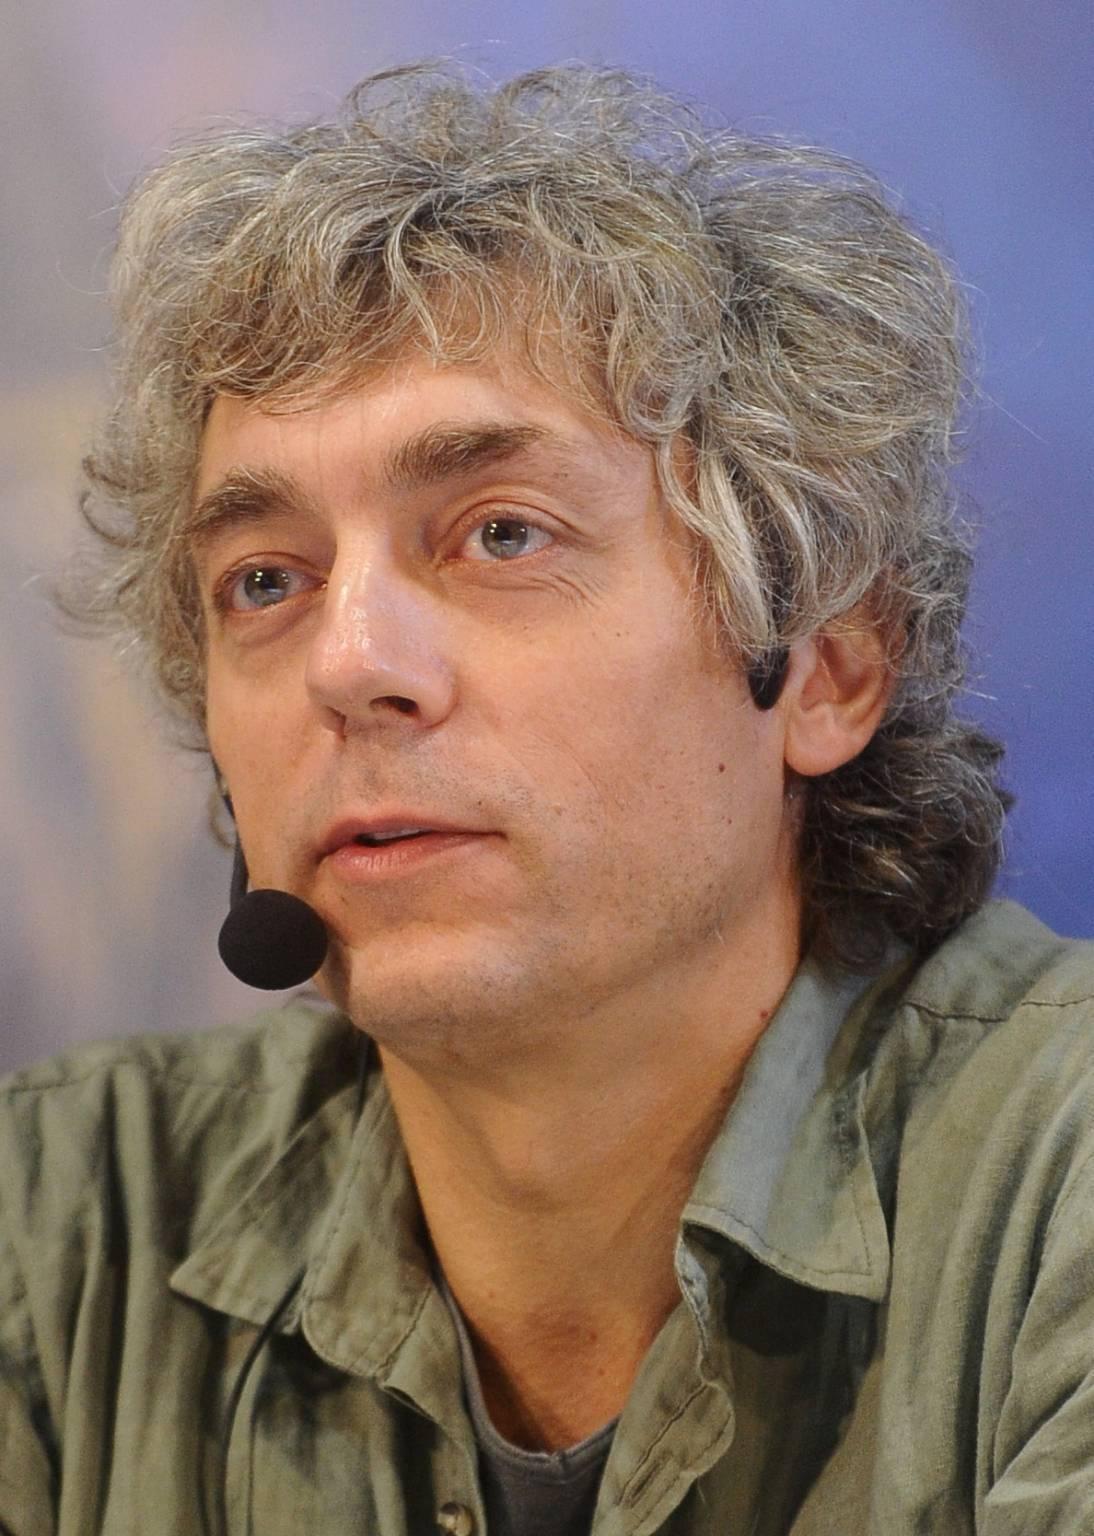 Paolo Mottura